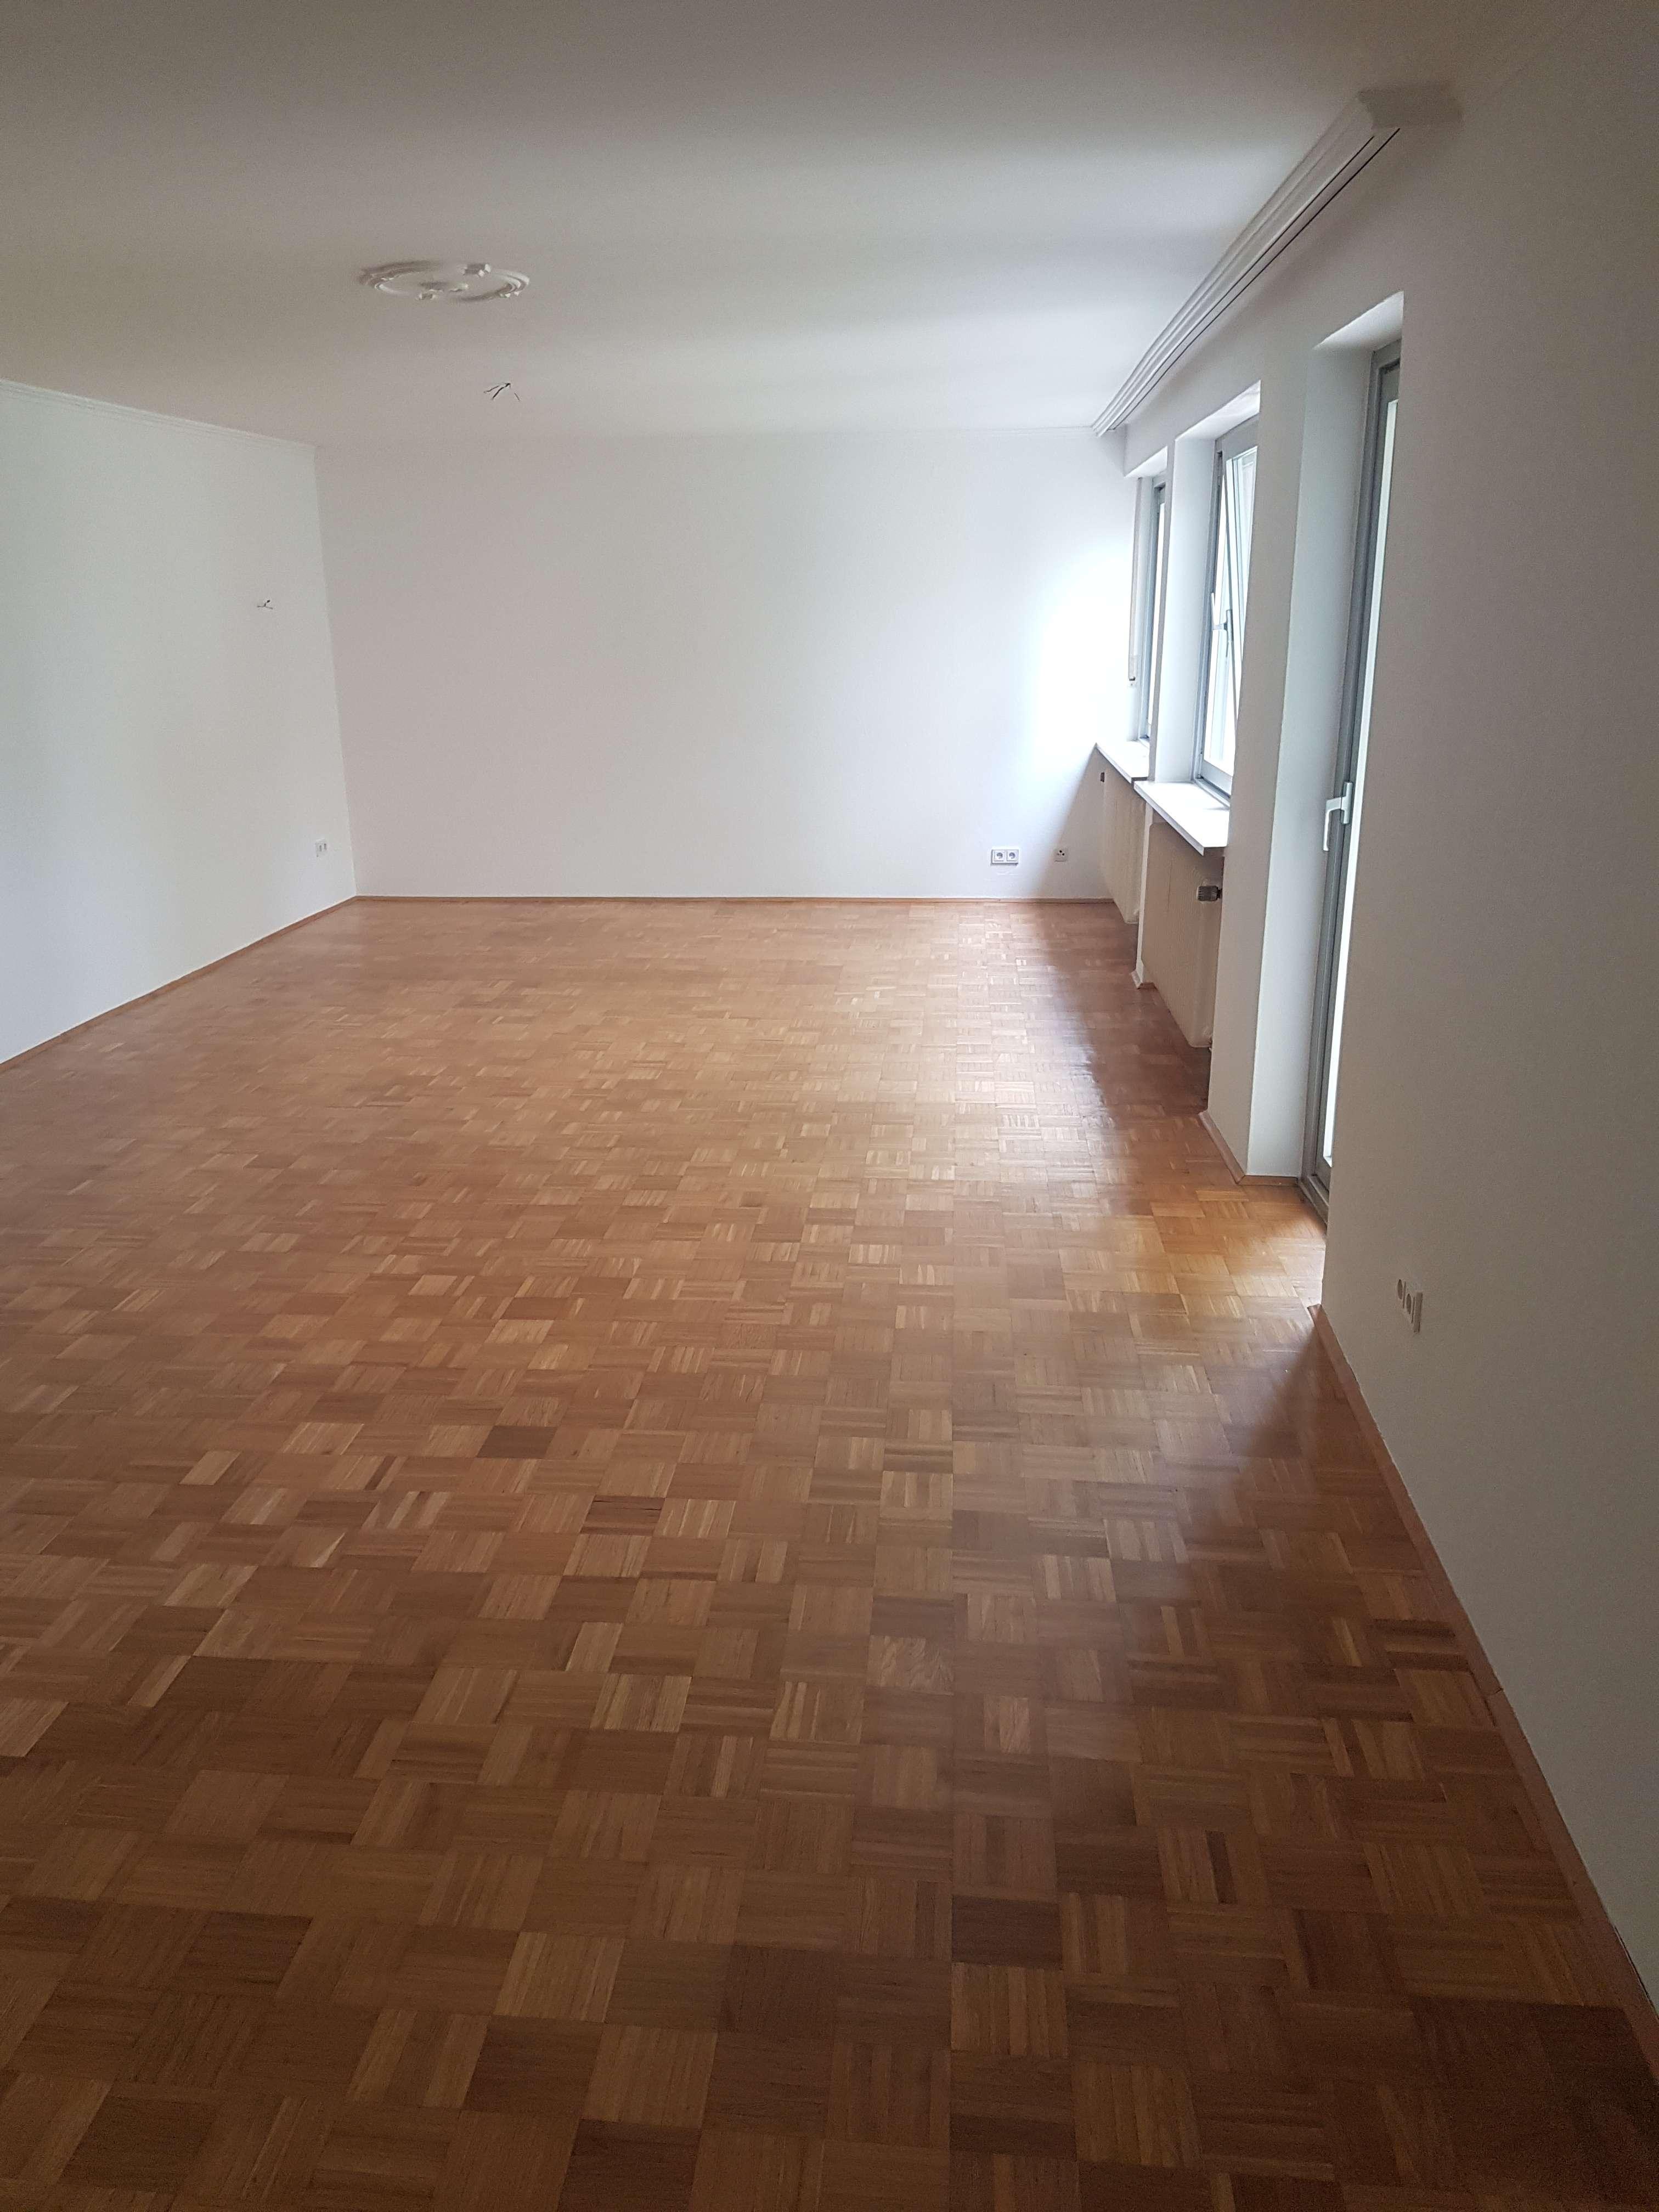 Gepflegte 4-Zimmer-EG-Wohnung mit Küchen-Balkon und Terrasse in Obergiesing/Harlaching, München.